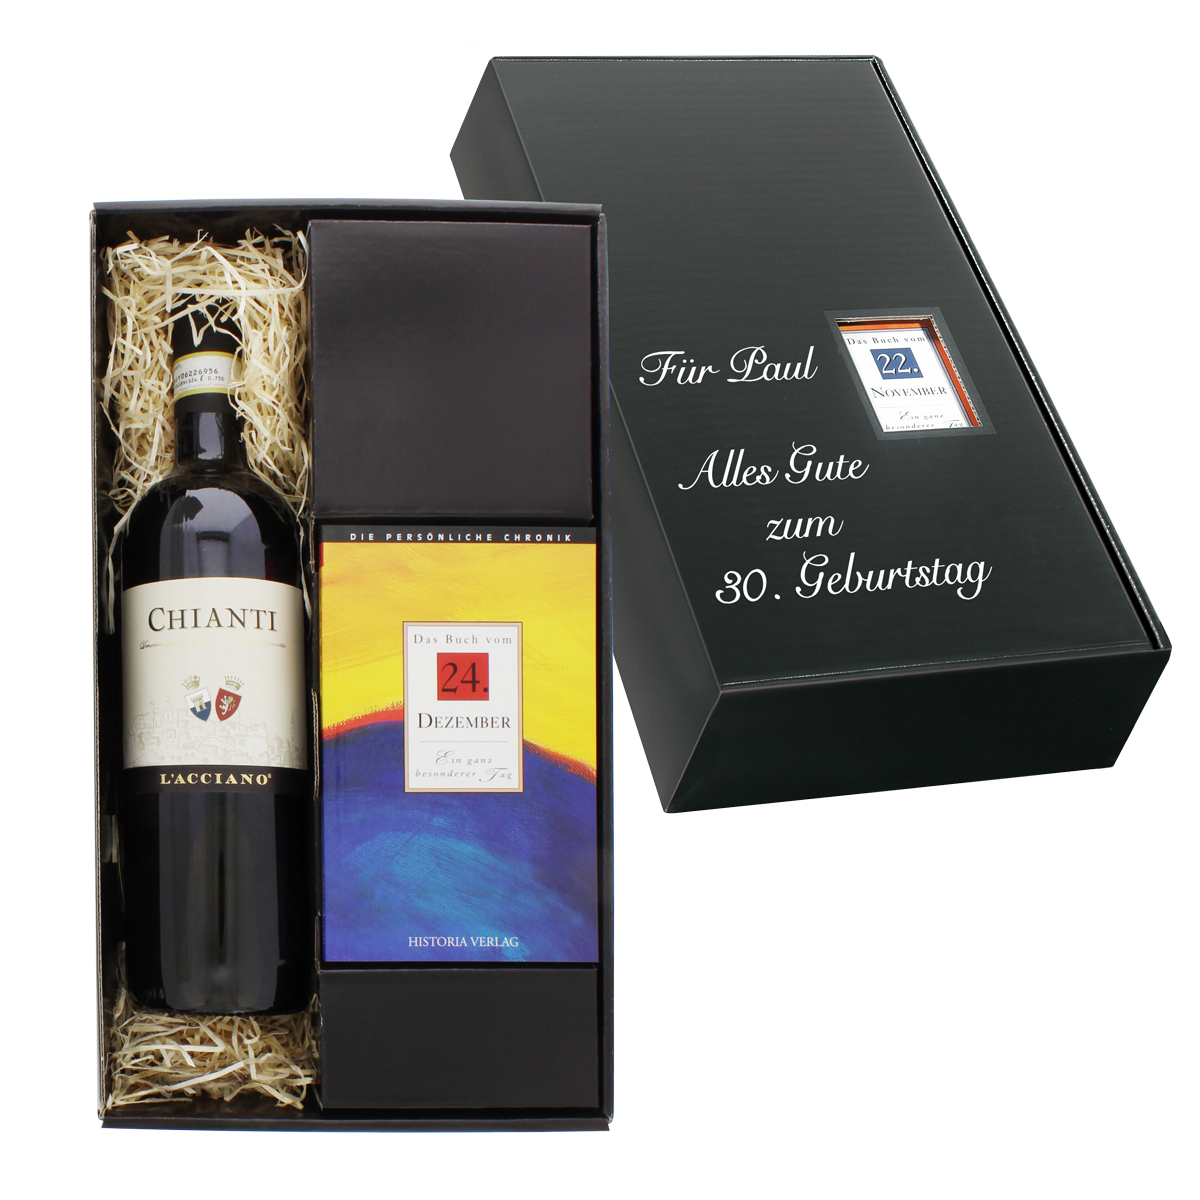 Italien-Set: Tageschronik vom 13. M?rz & Chianti-Wein